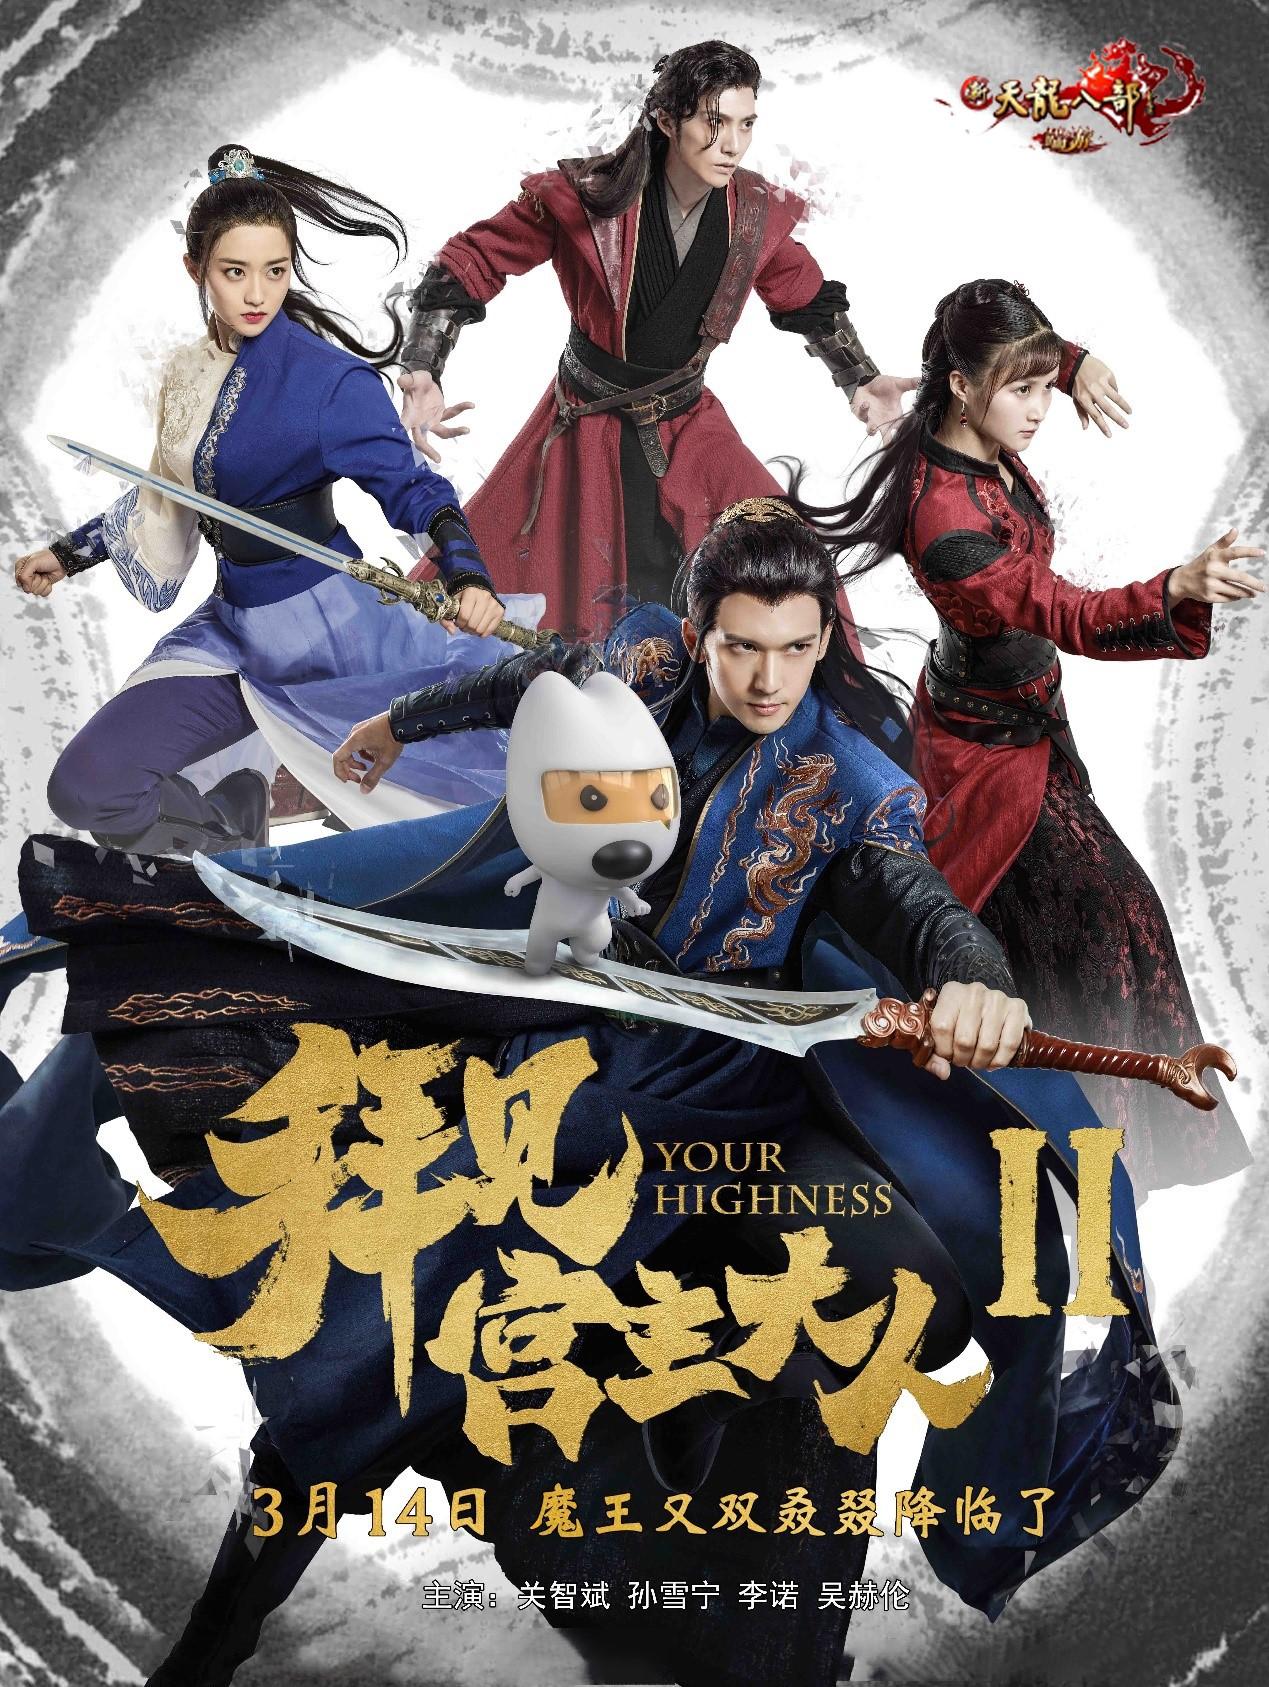 天龙八部定制网剧第二季上线,魔头联盟入侵天龙江湖